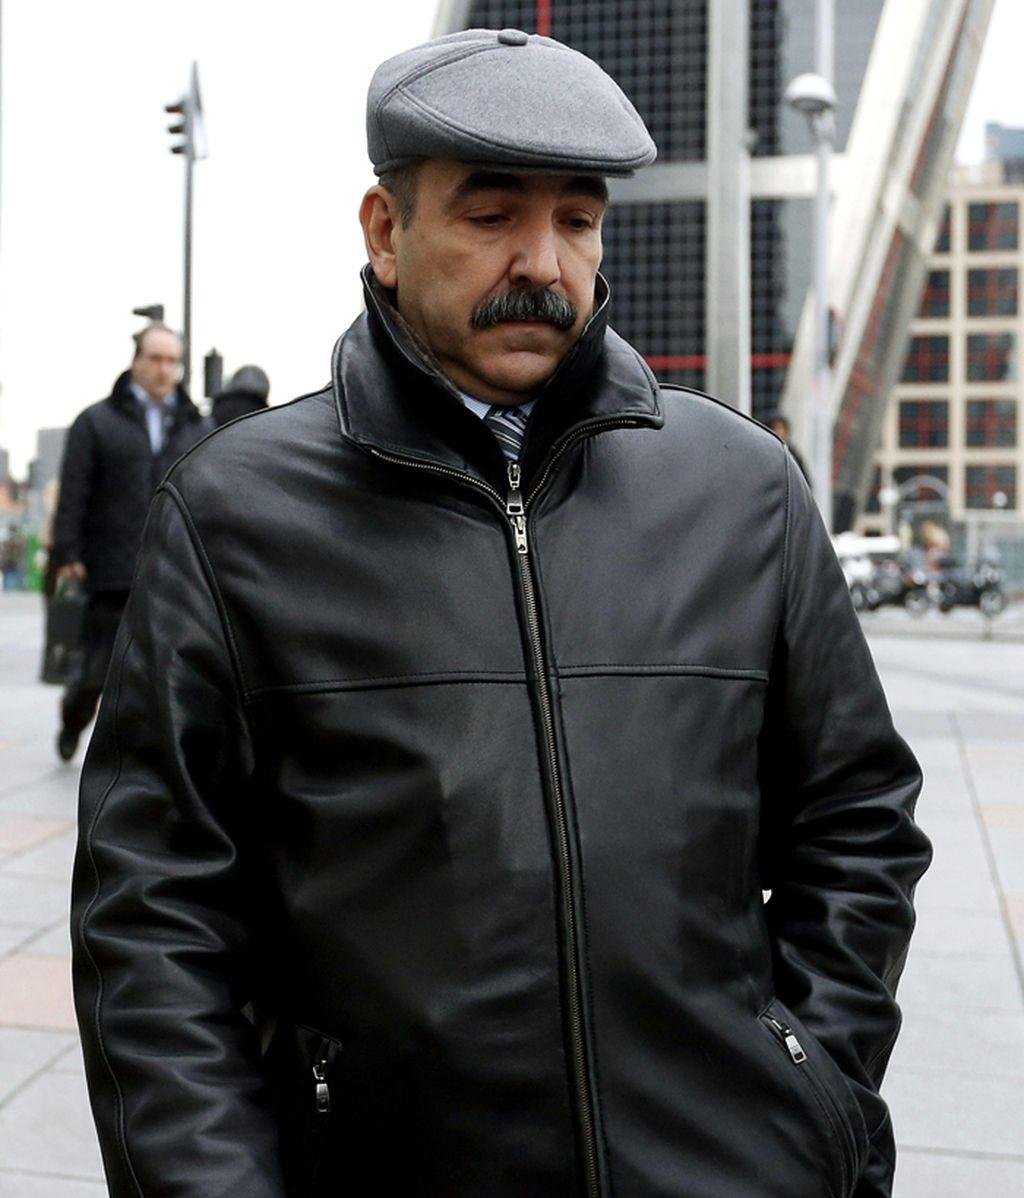 Francisco del Amo, coordinador de Madritec, comparece ante el juzgado por el caso Madrid Arena